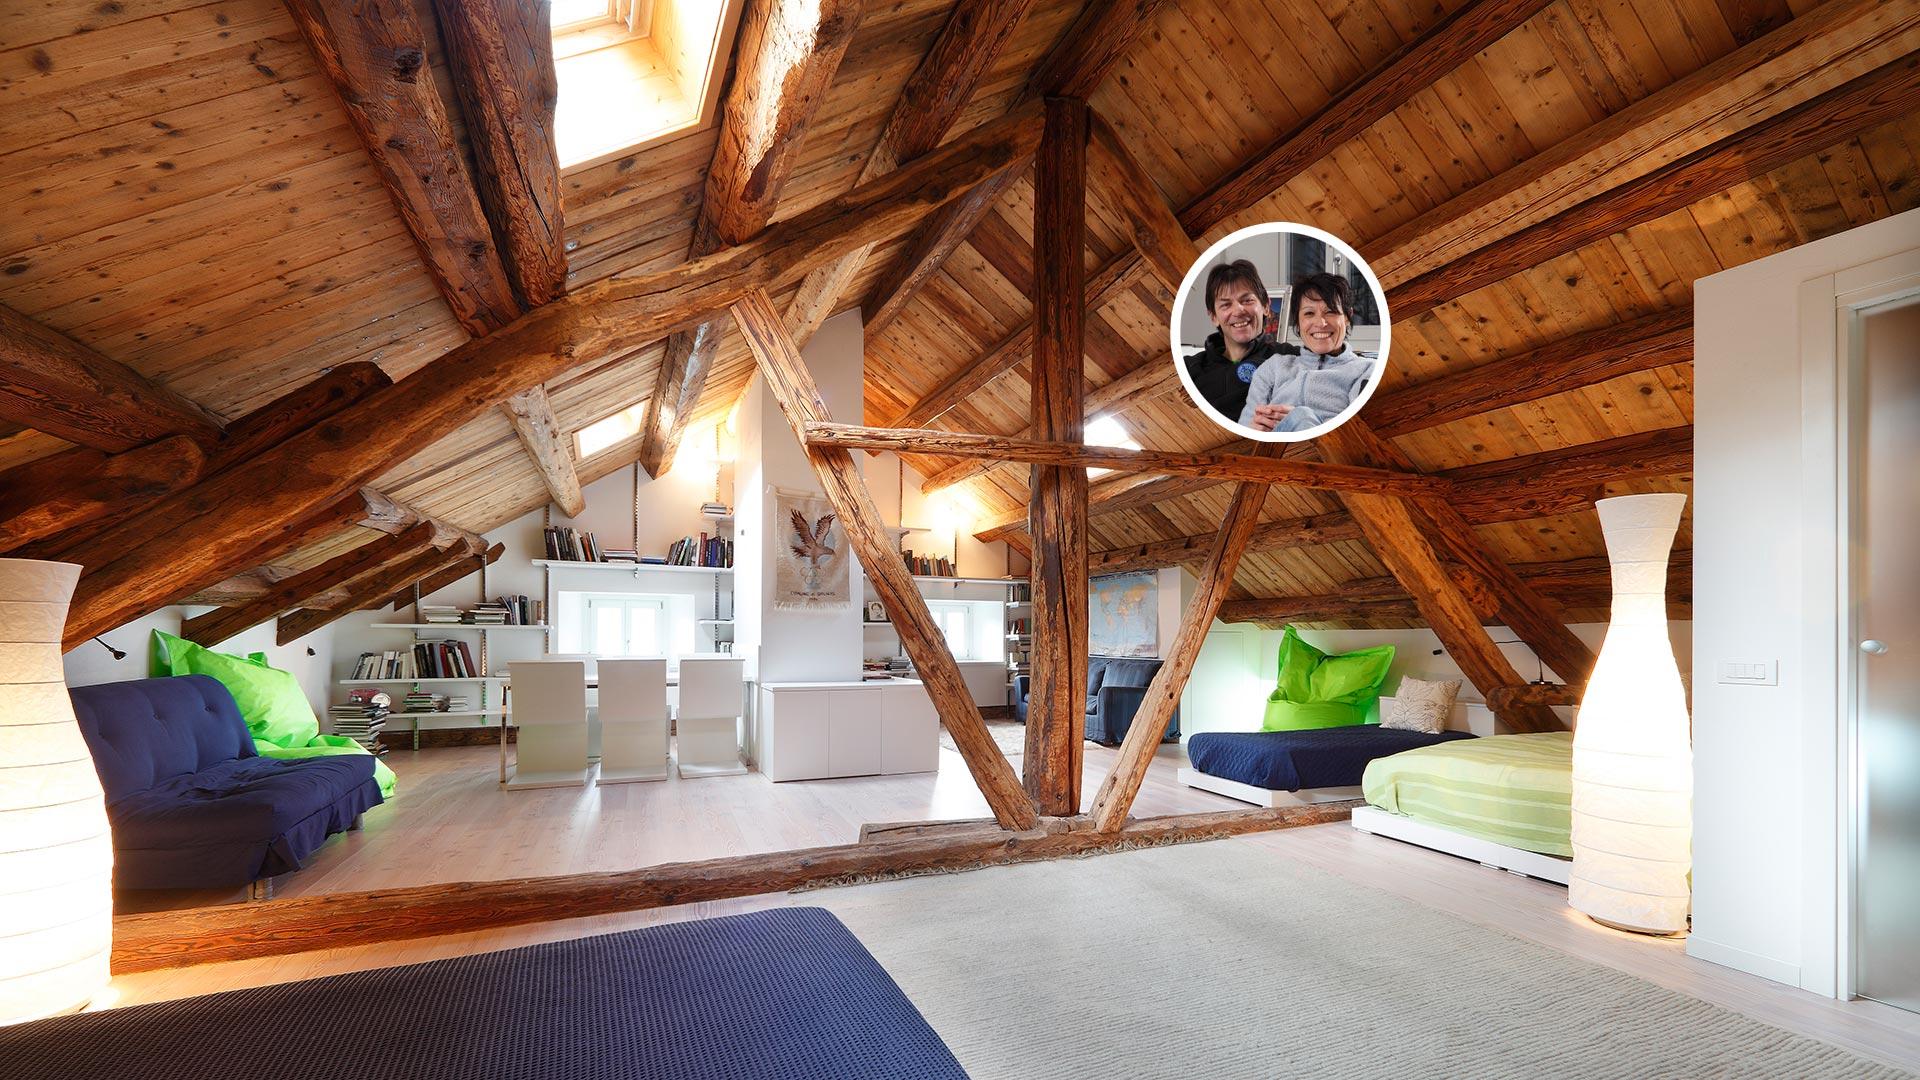 MSM realizzazione interni in legno